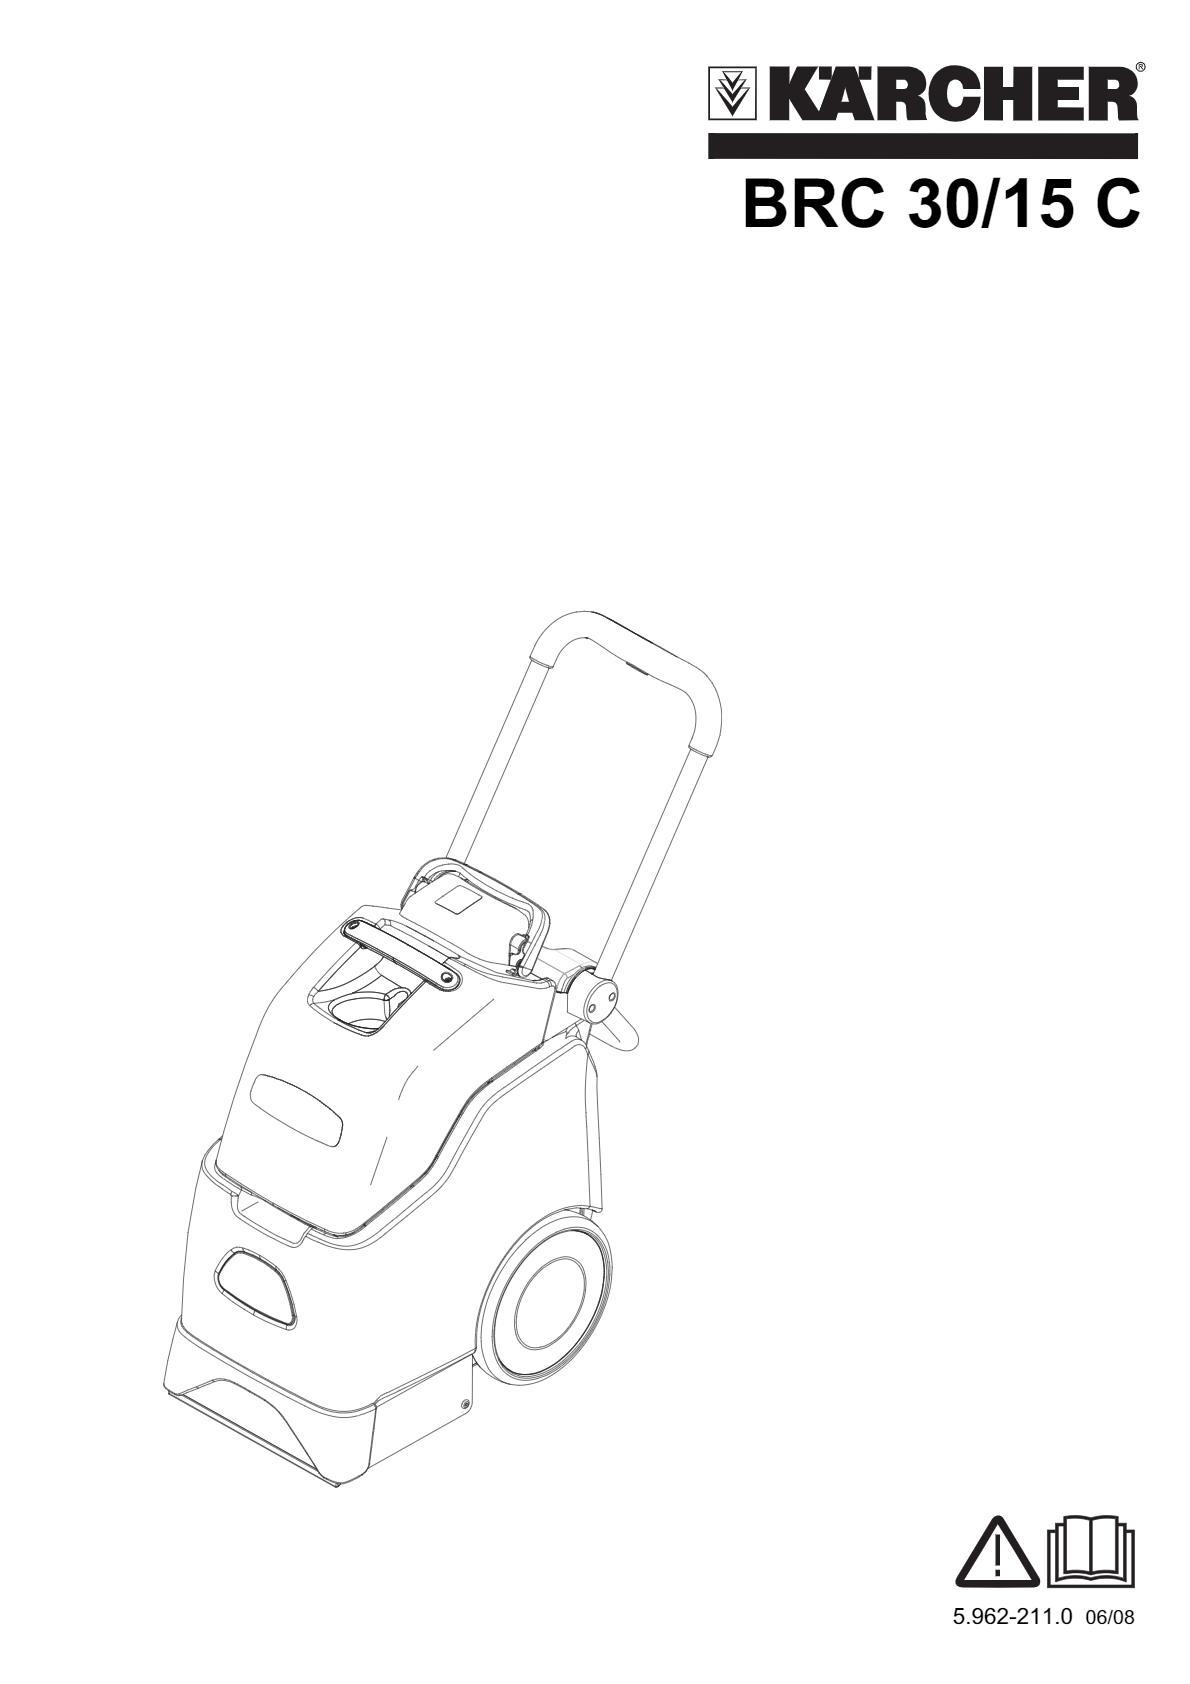 地毯清洗机 BRC 30/15 说明书说明书下载